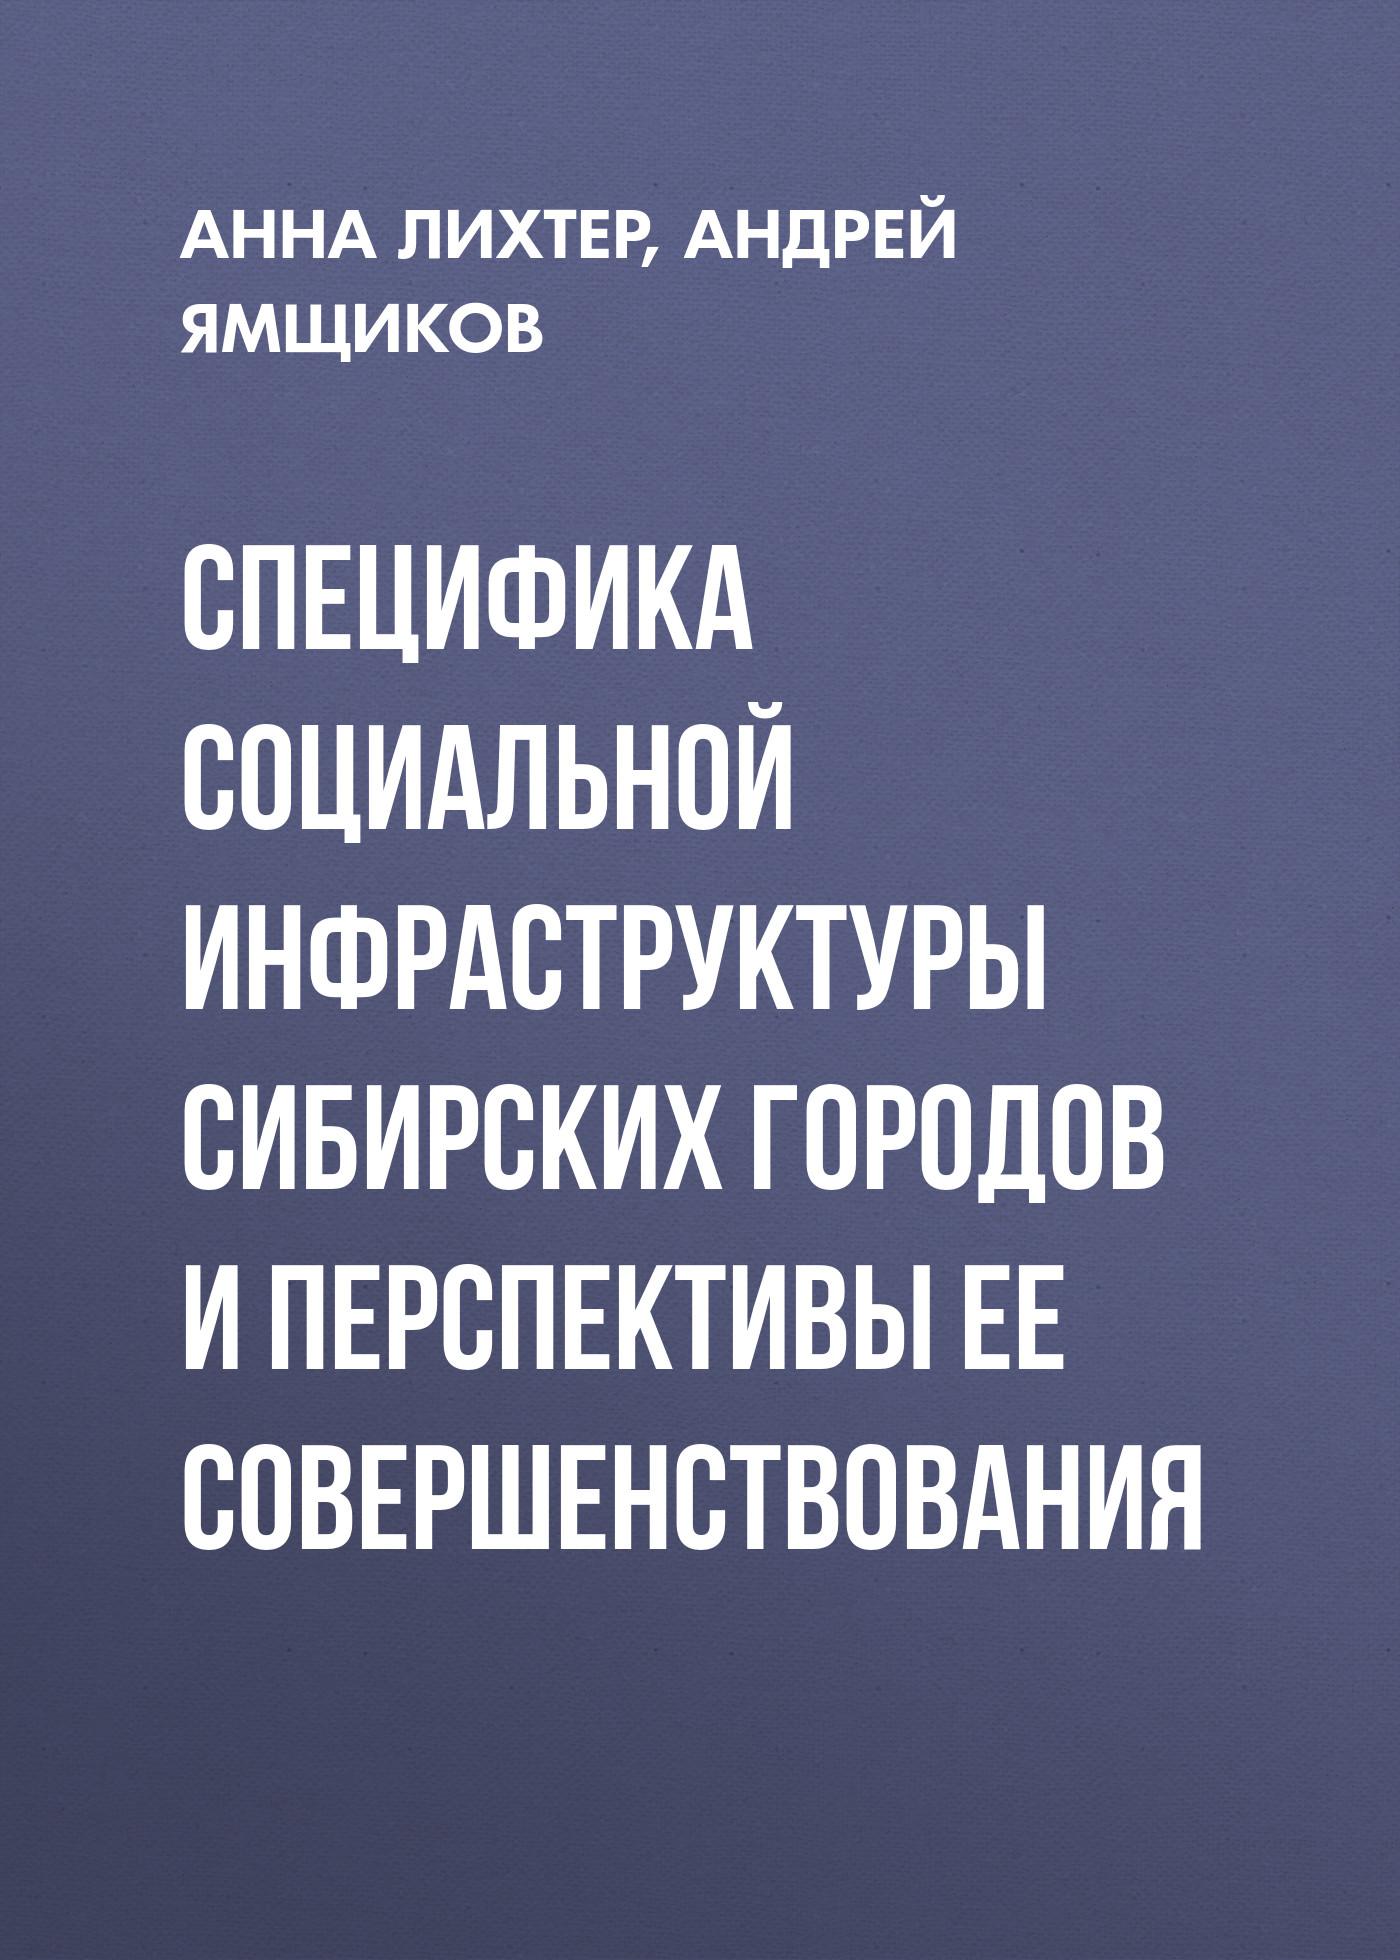 Специфика социальной инфраструктуры сибирских городов и перспективы ее совершенствования